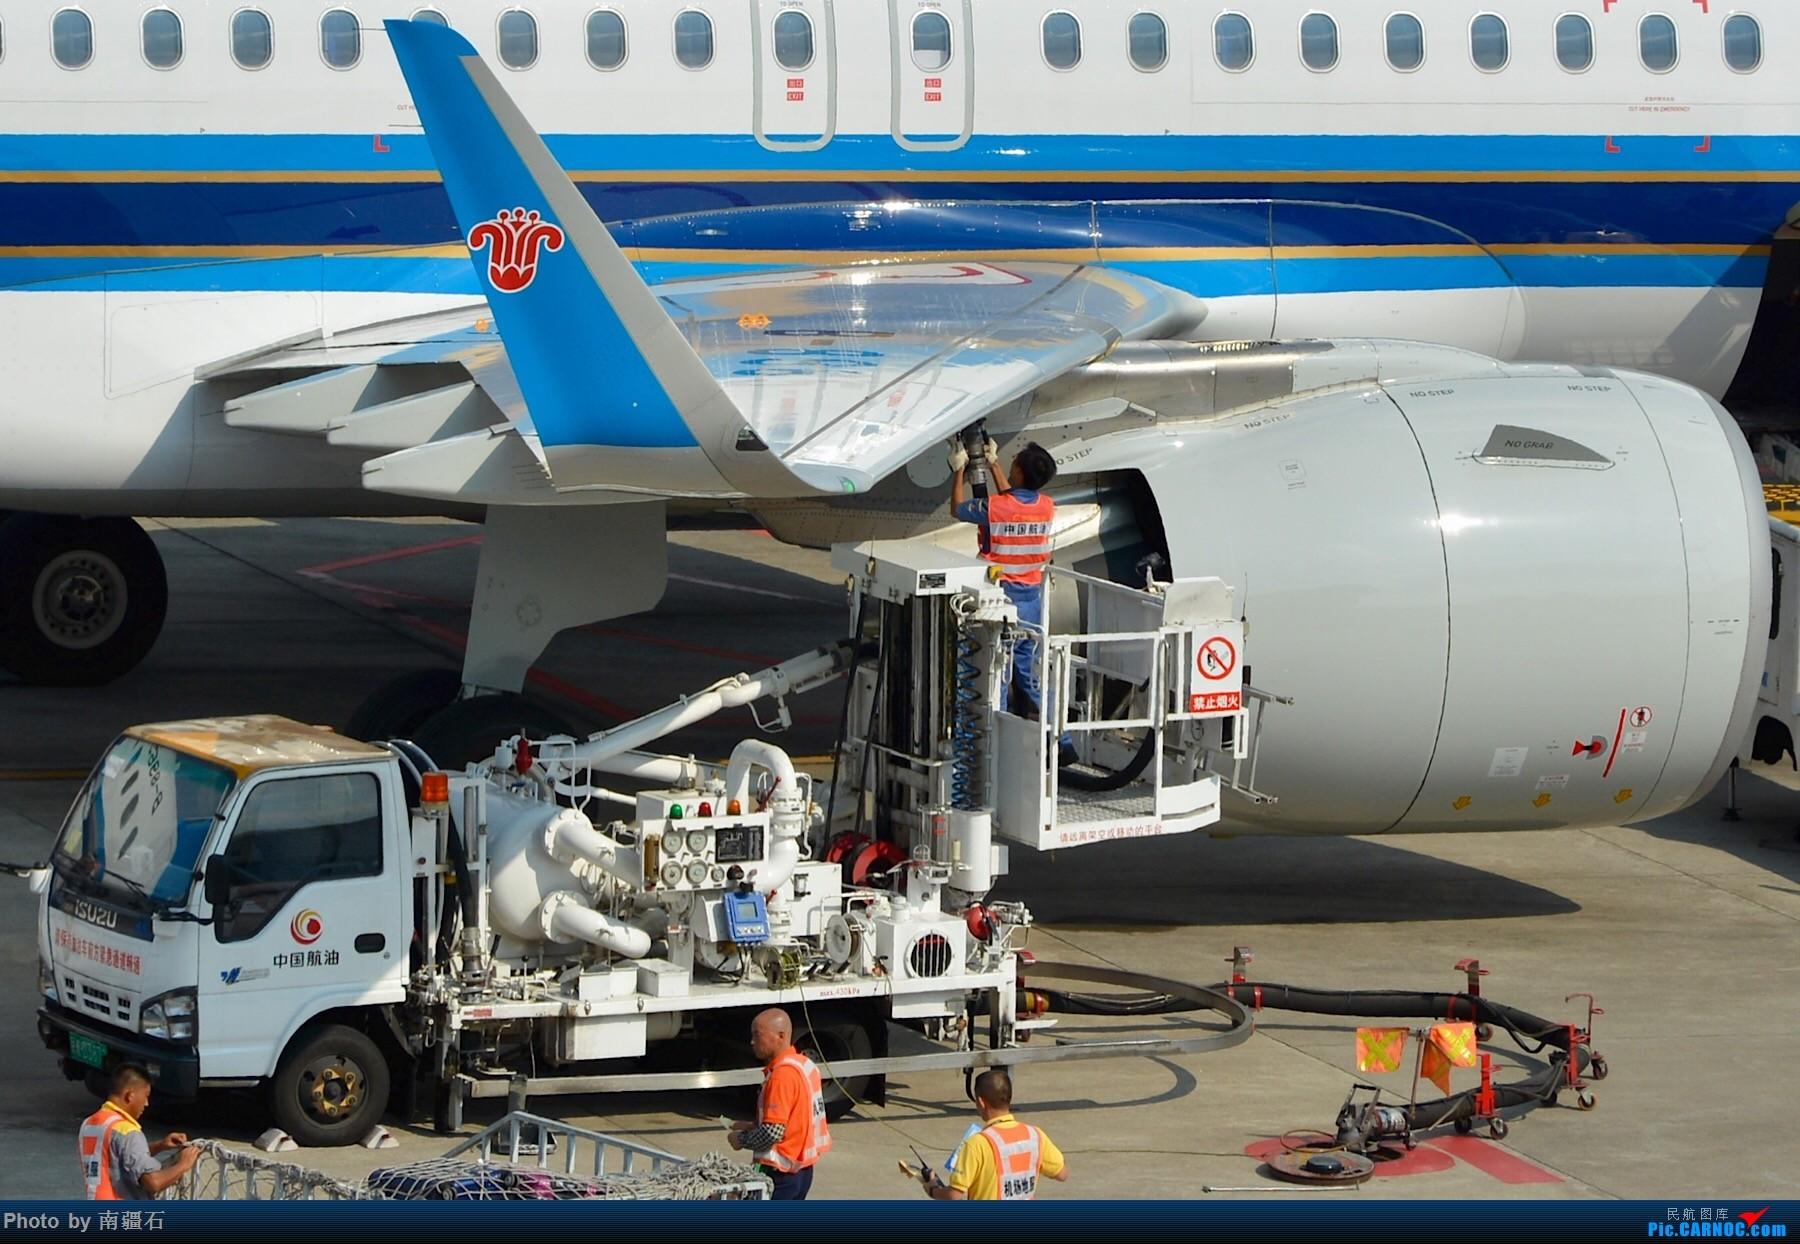 Re:[原创]重庆江北之南航a320neo 卸货 加油 发动机等细节图 AIRBUS A320NEO B-8965 中国重庆江北国际机场